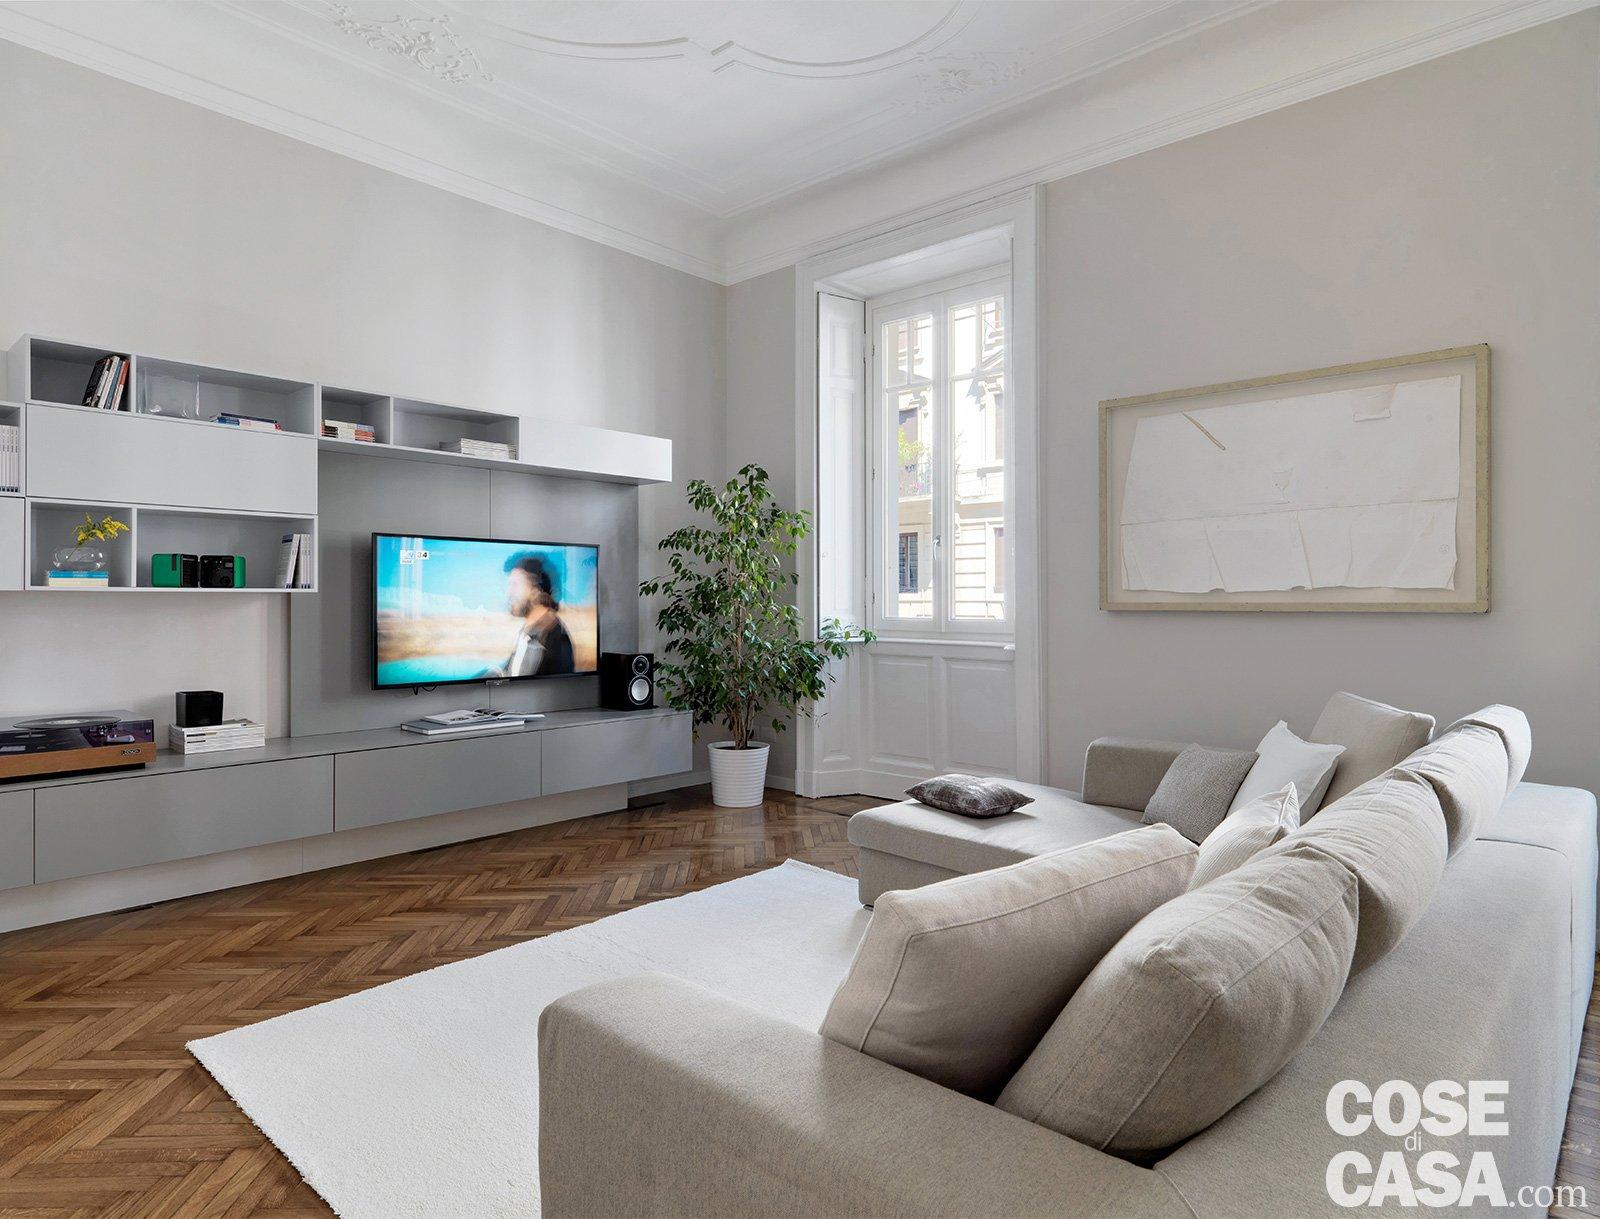 140 mq una casa con pavimenti originari in parquet e for Soggiorno legno